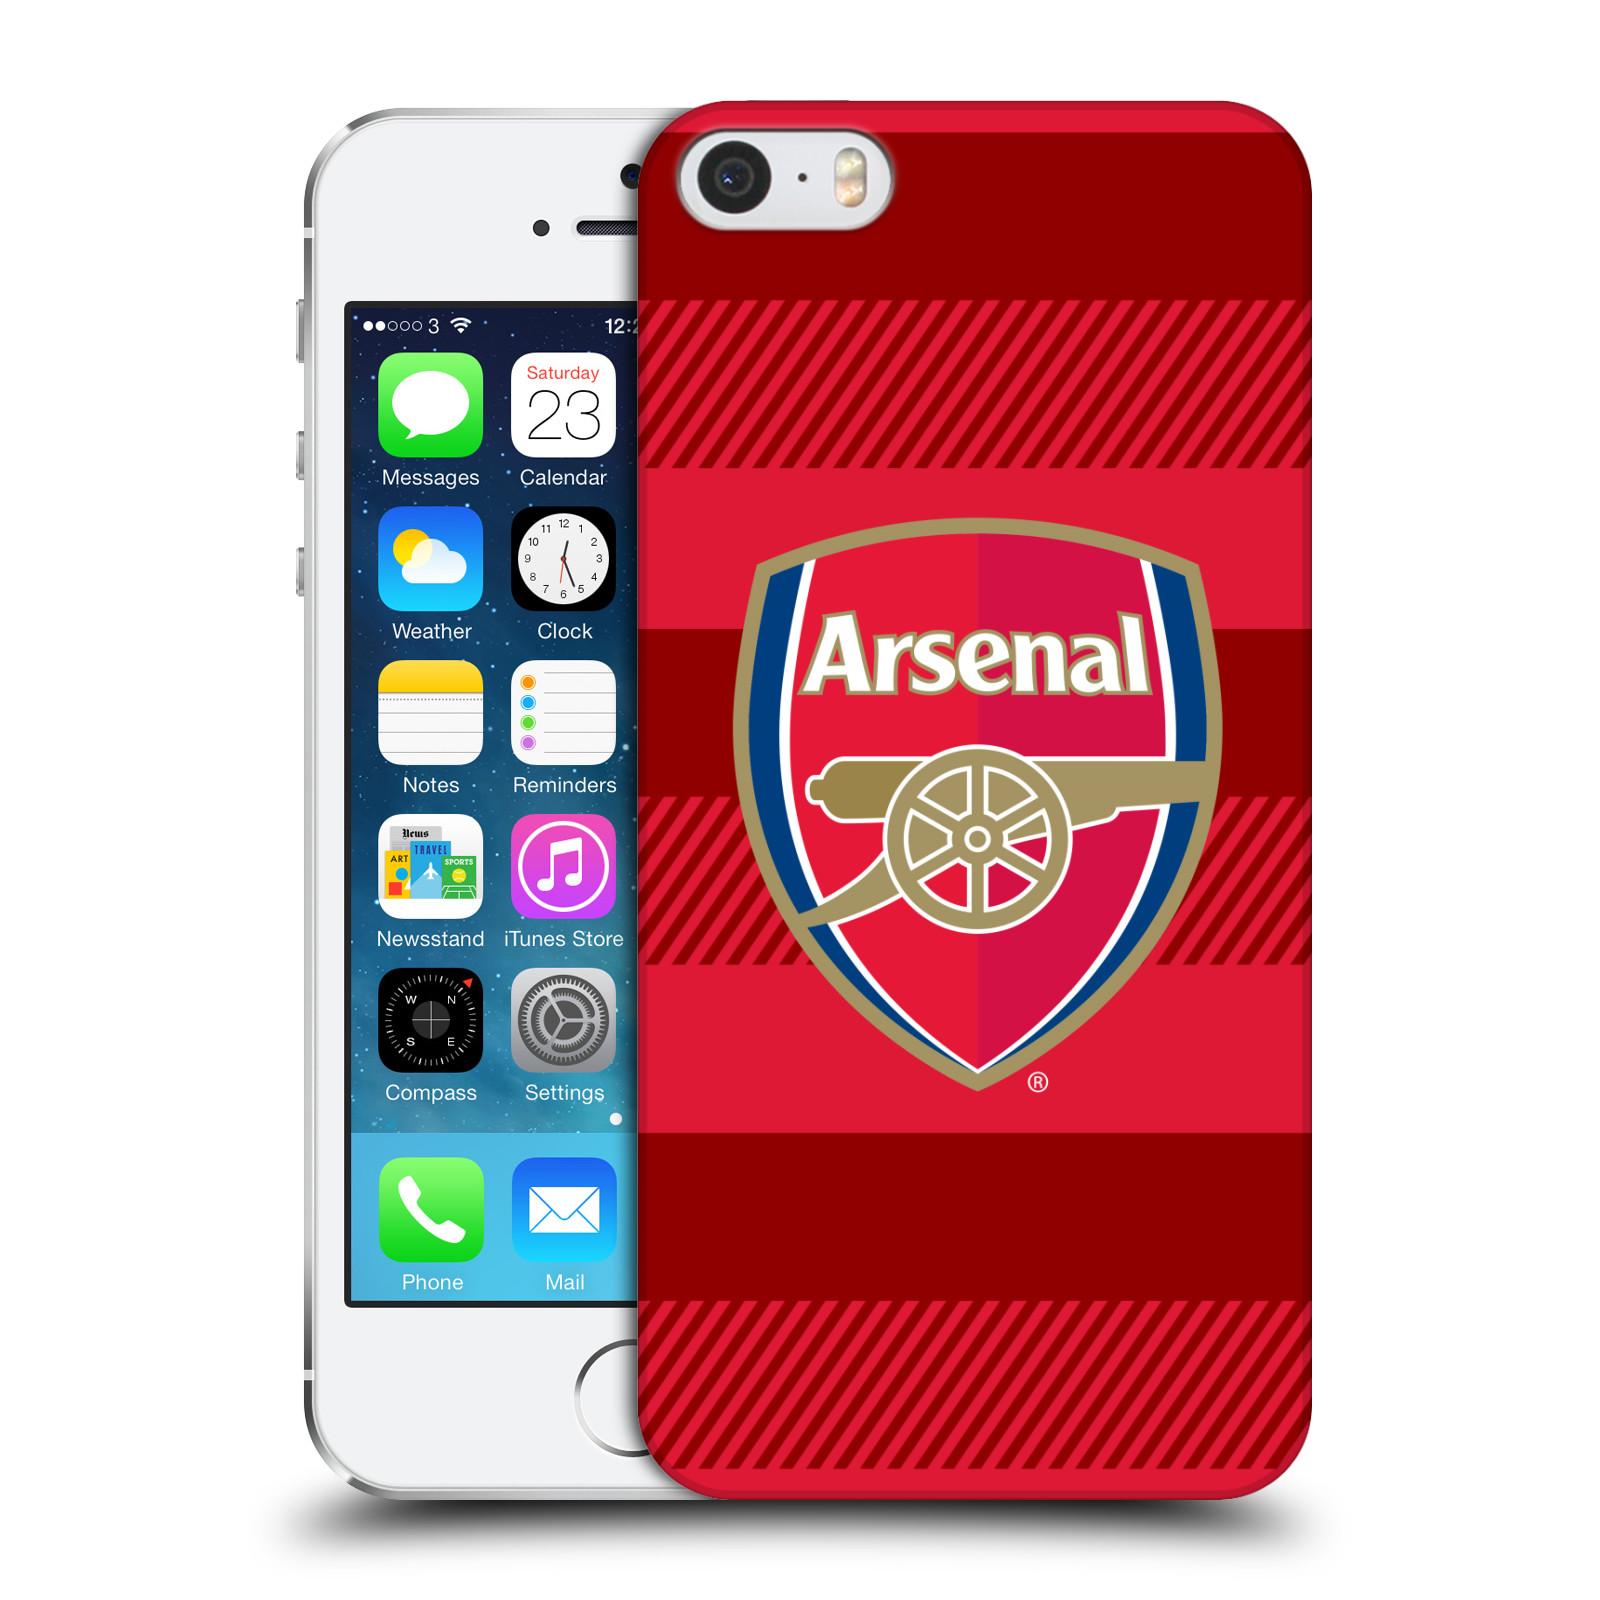 Plastové pouzdro na mobil Apple iPhone SE, 5 a 5S - Head Case - Arsenal FC - Logo s pruhy